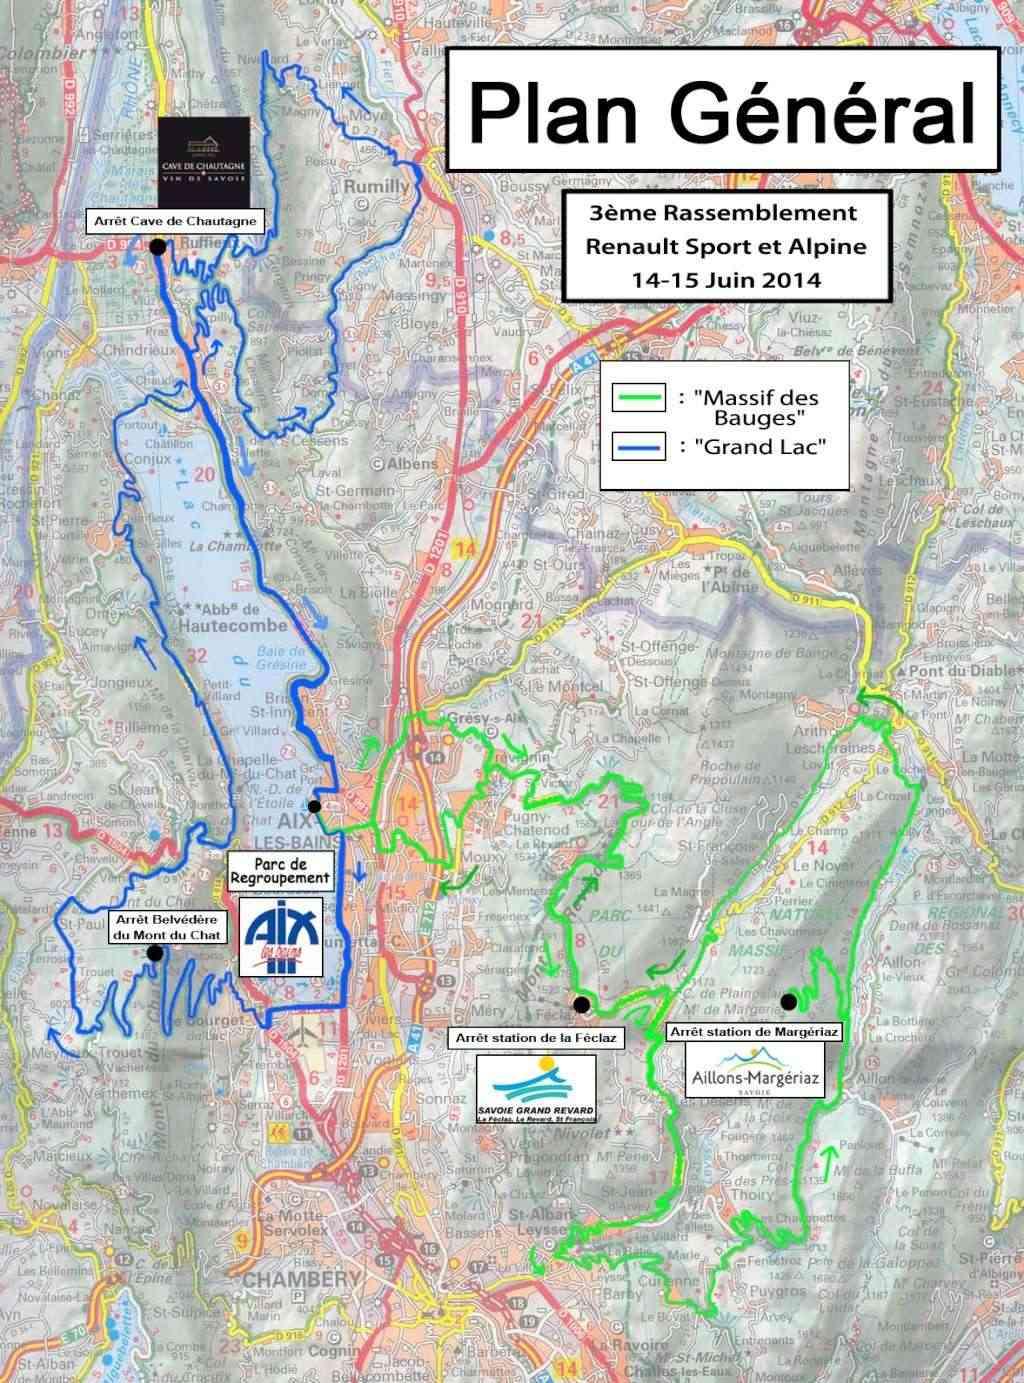 14/15 juin 2014 - 3e Rassemblement RS et Alpine à Aix-les-Bains Parcou11